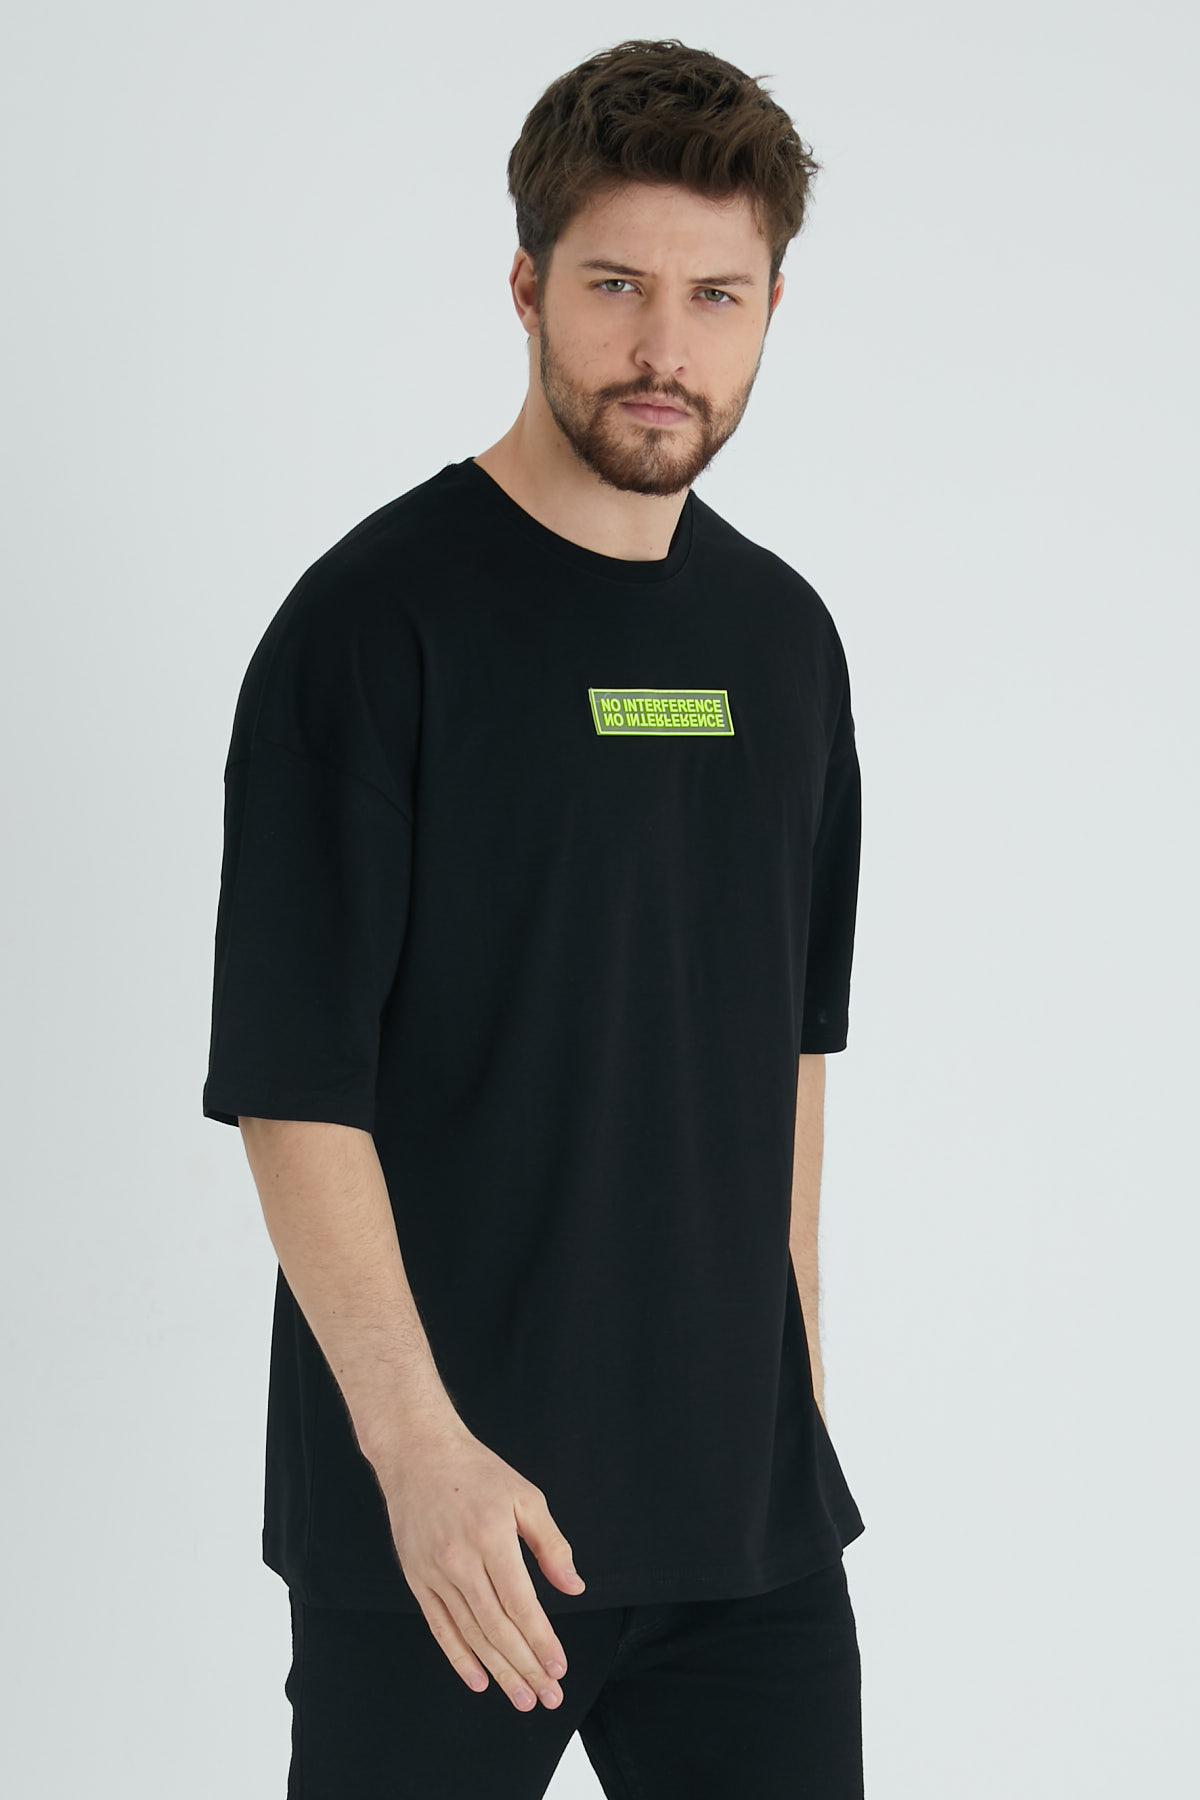 XHAN - Siyah Baskılı Oversize T-Shirt 1KXE1-44677-02